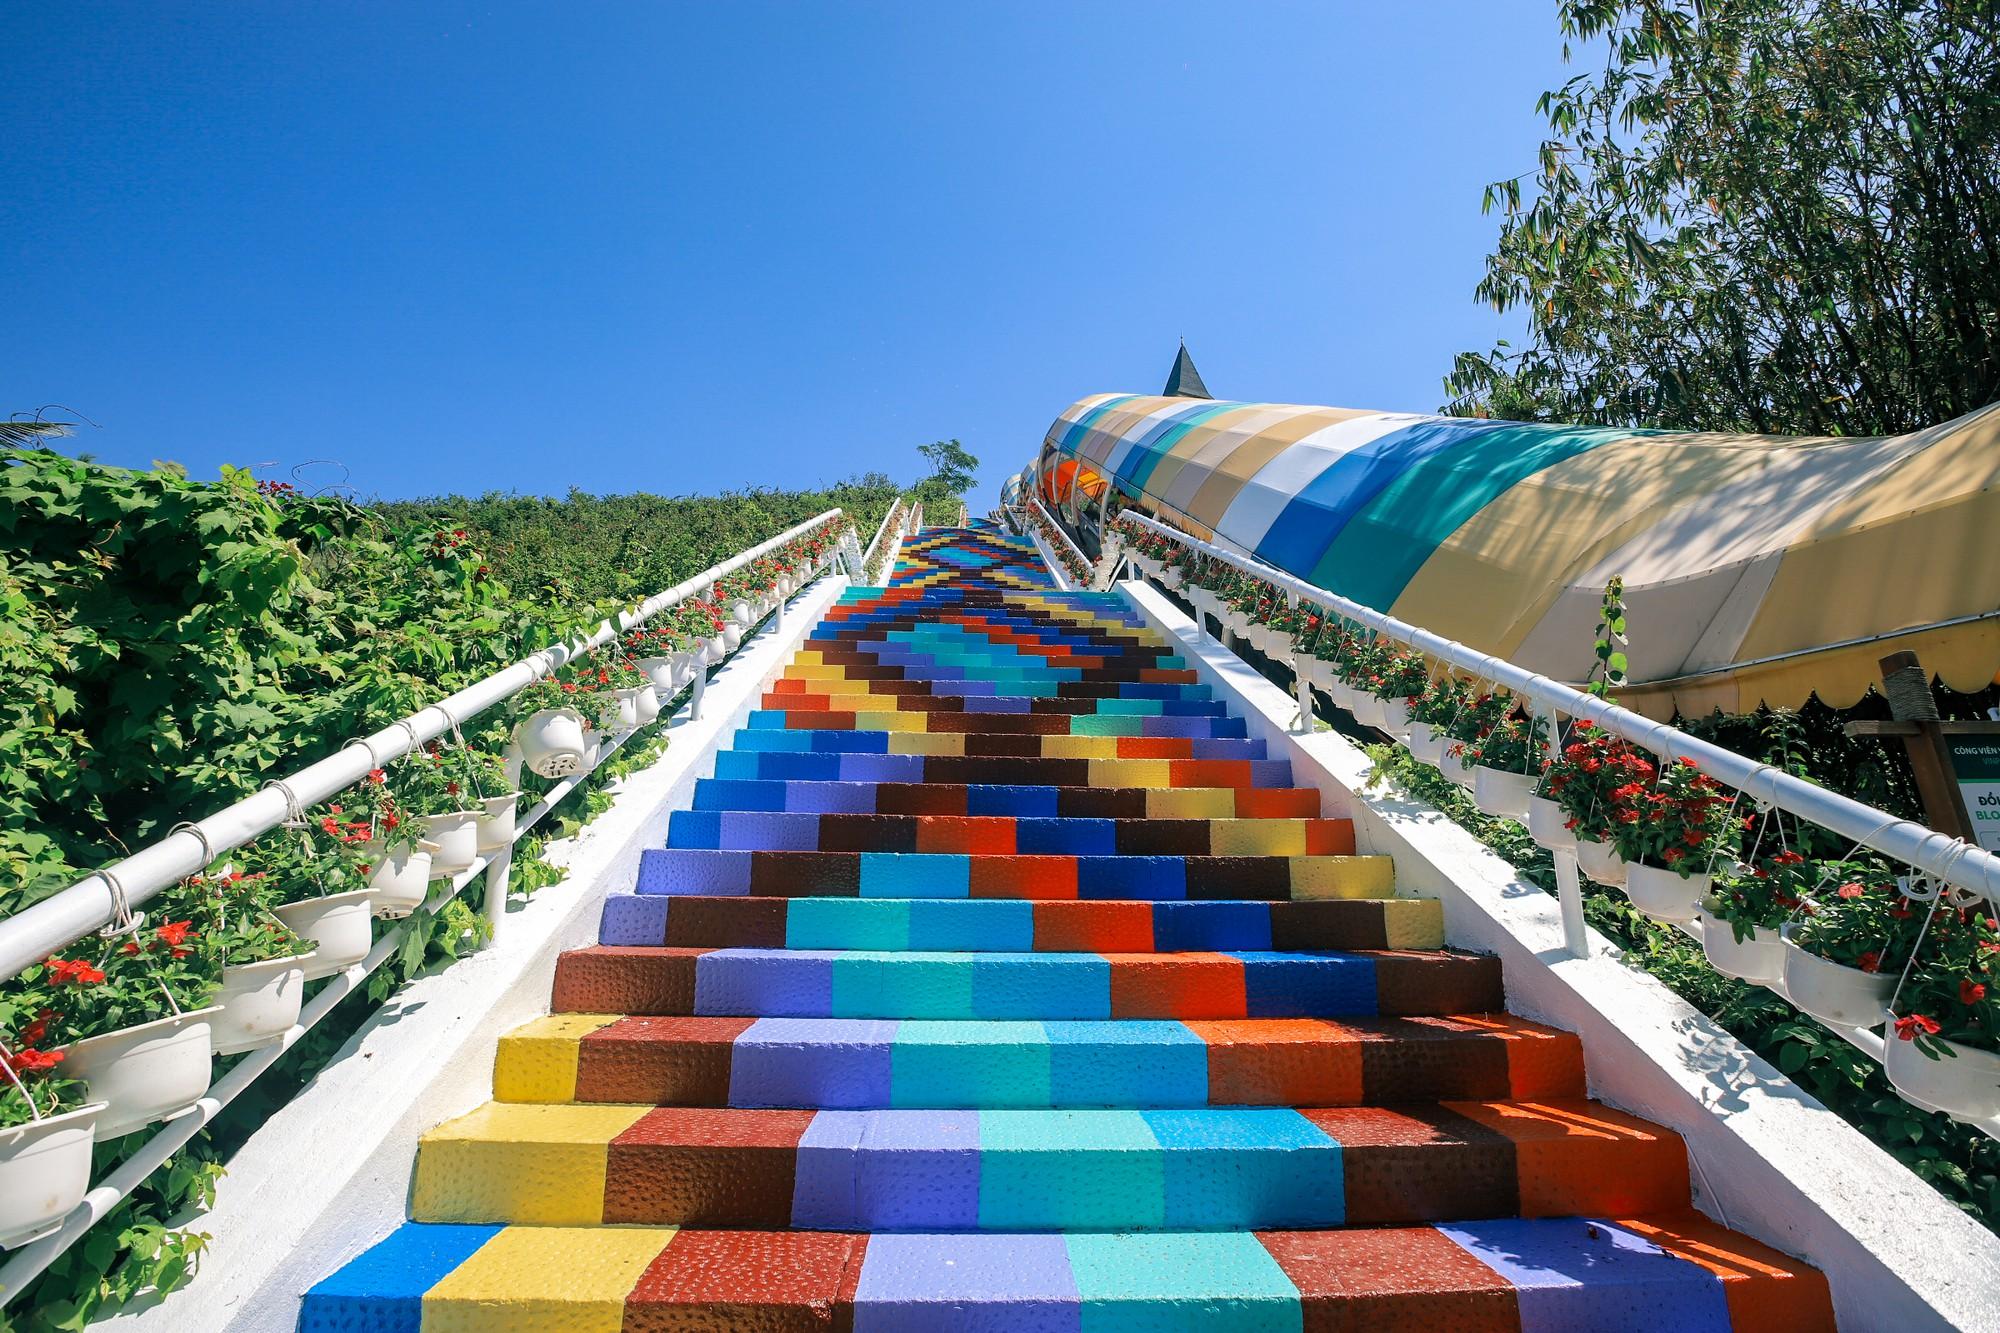 Phát hiện Nấc thang cầu vồng chụp ảnh siêu ảo diệu ở Nha Trang - Ảnh 3.